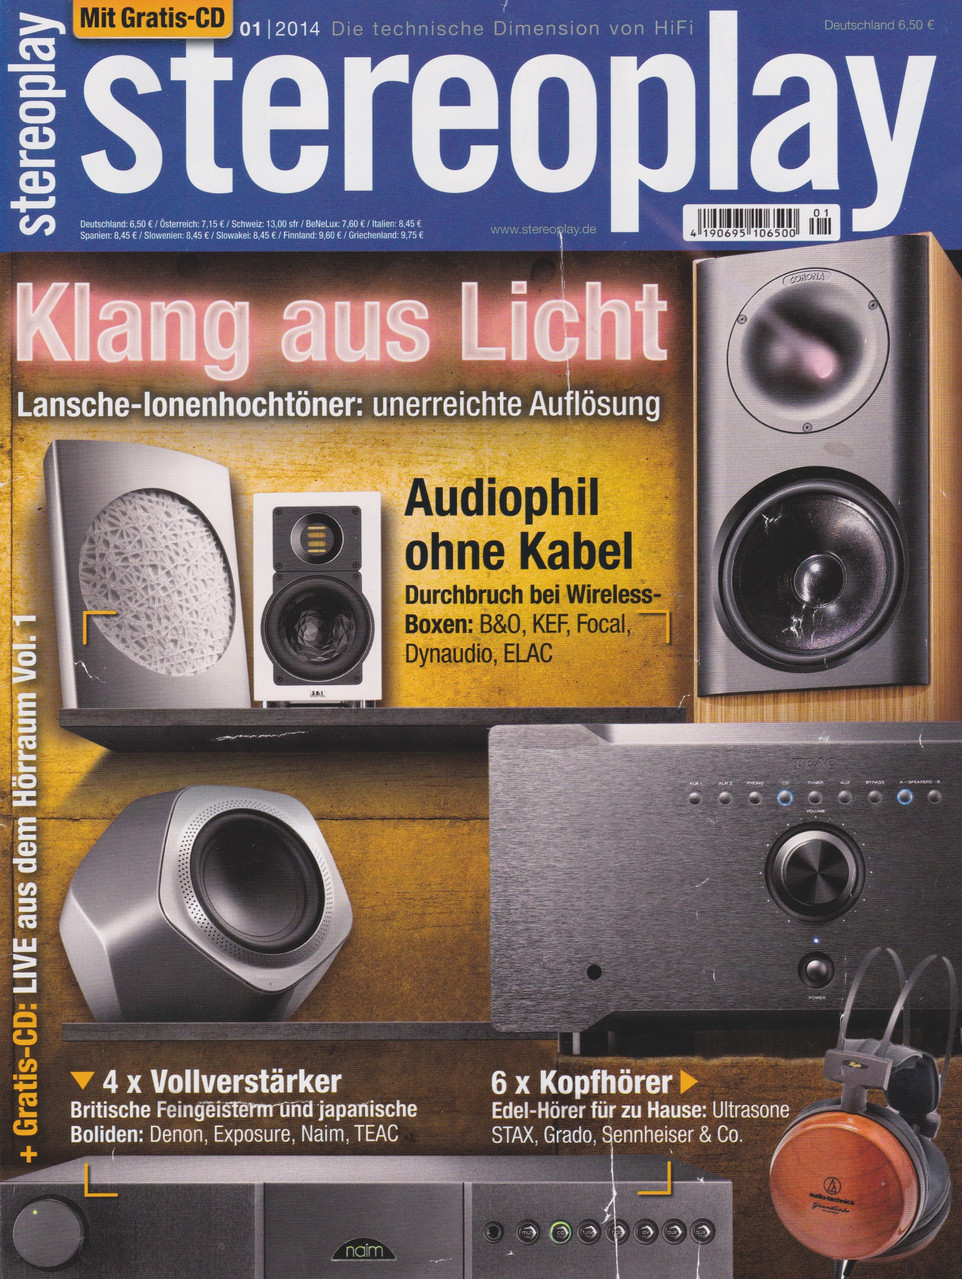 Lansche Audio - cjm-audio High End Audiomarkt für Gebrauchtgeräte